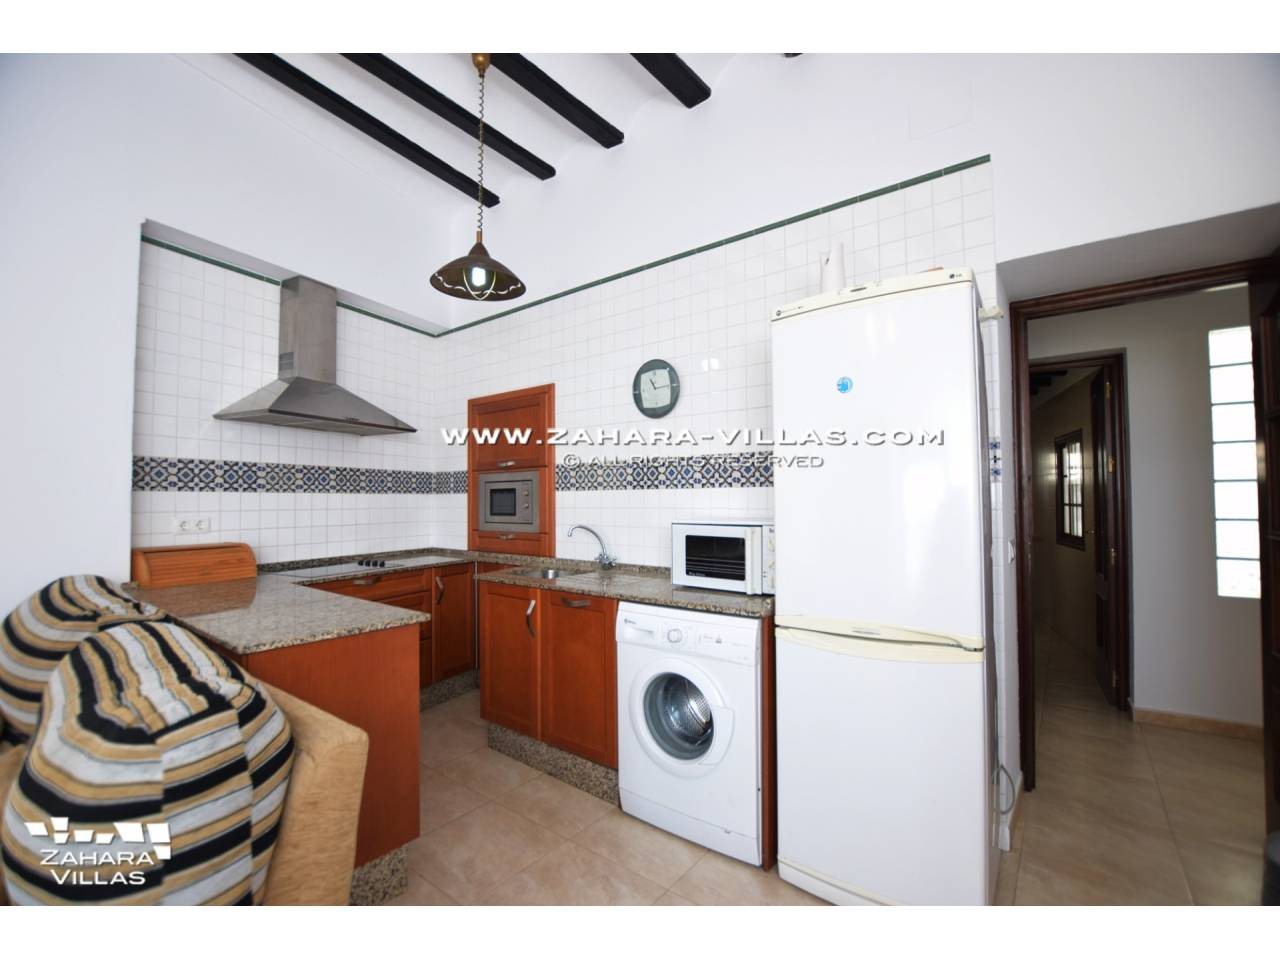 Imagen 12 de Apartamento y Estudio en pleno centro